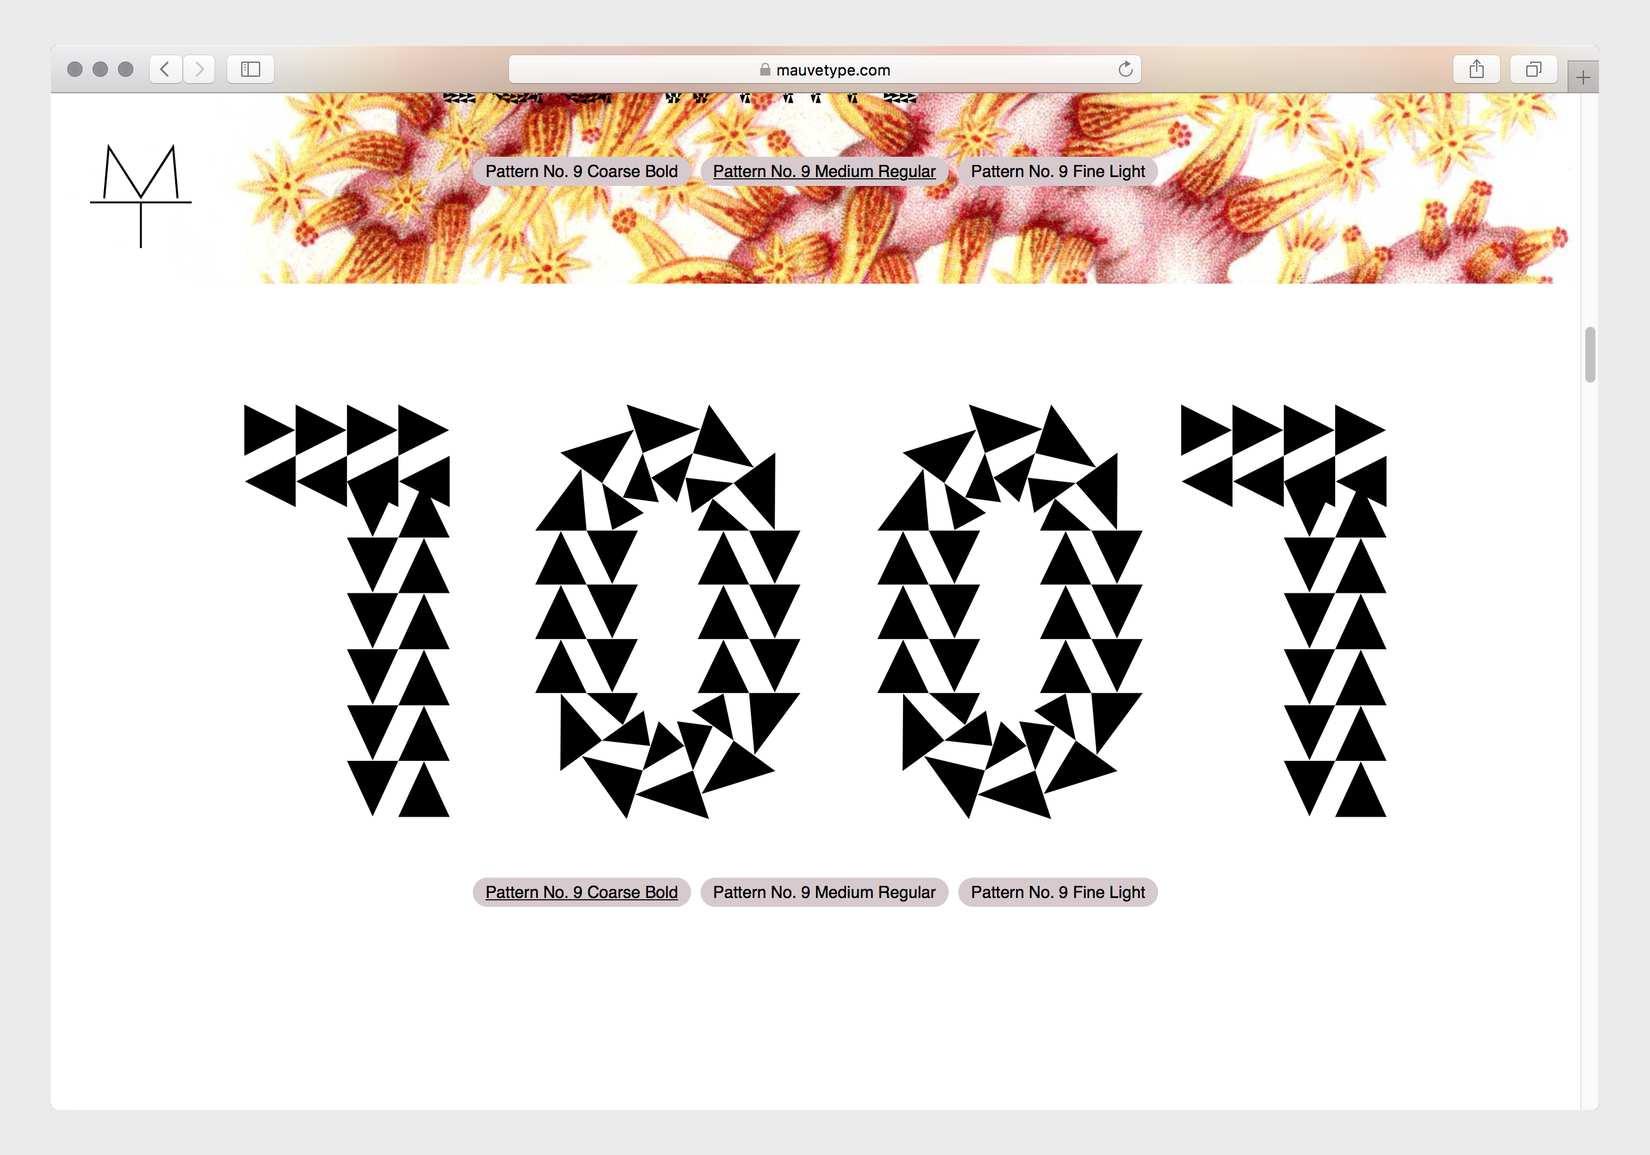 mauve-type-website-15-1650x1155px